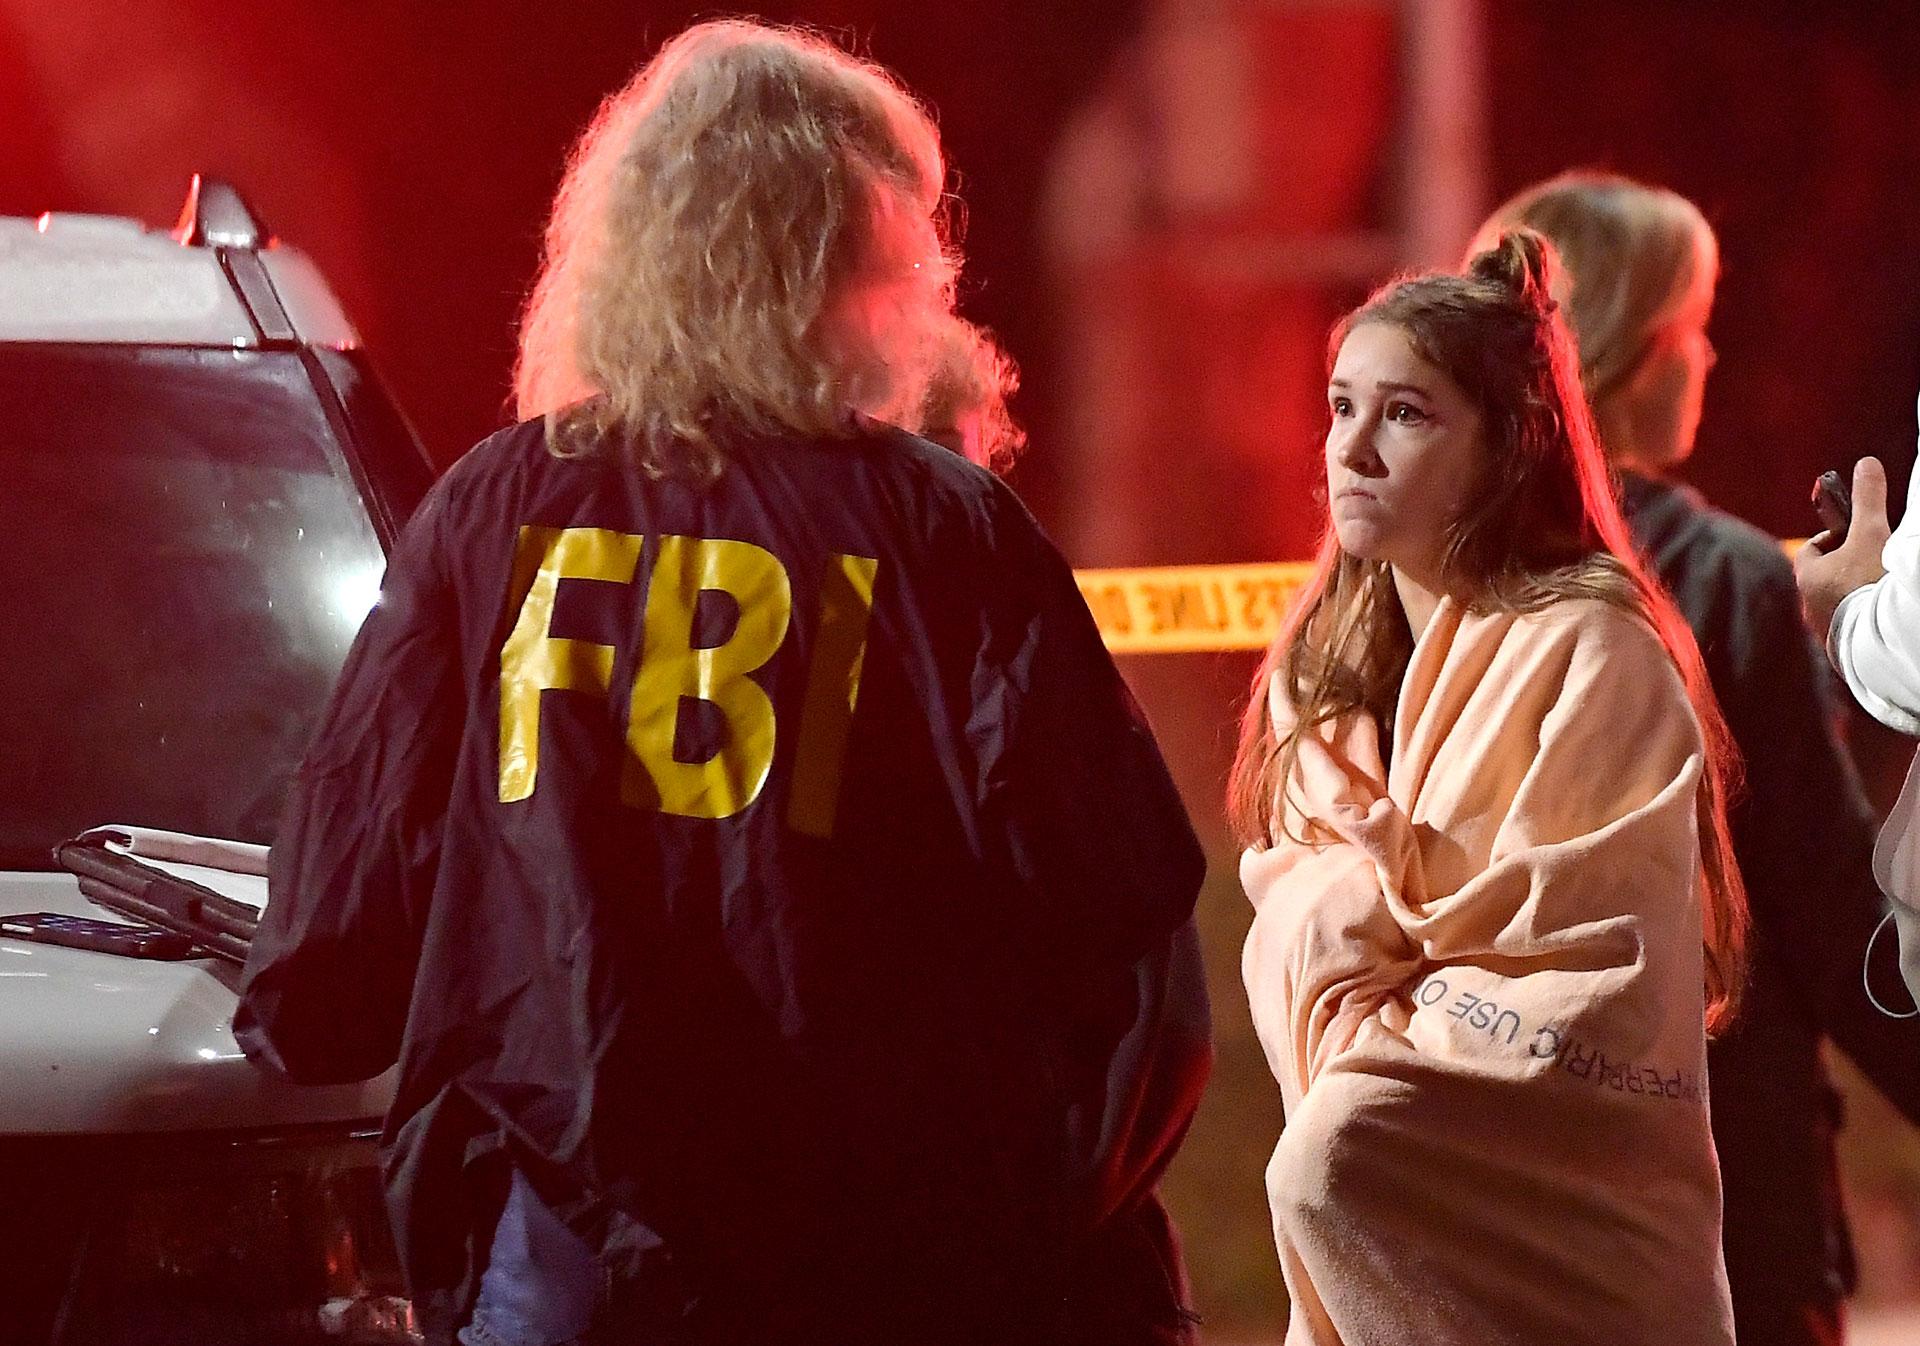 La policía asistió a las víctimas, que se quedaron en el lugar para brindar su testimonio